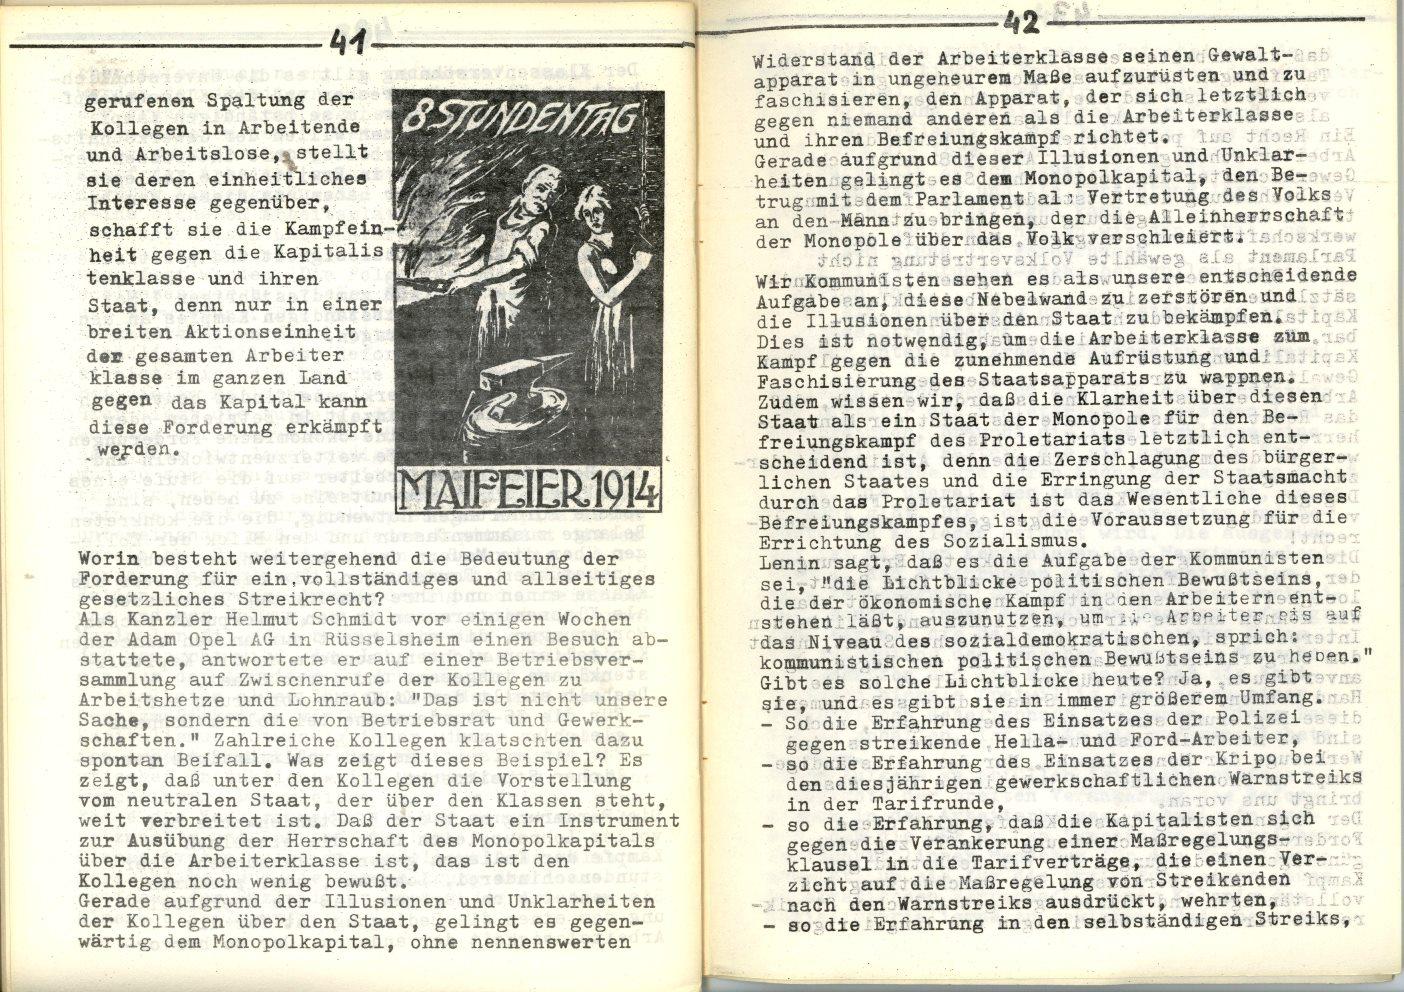 Frankfurt_KABD_zum_Ersten_Mai_1976_22